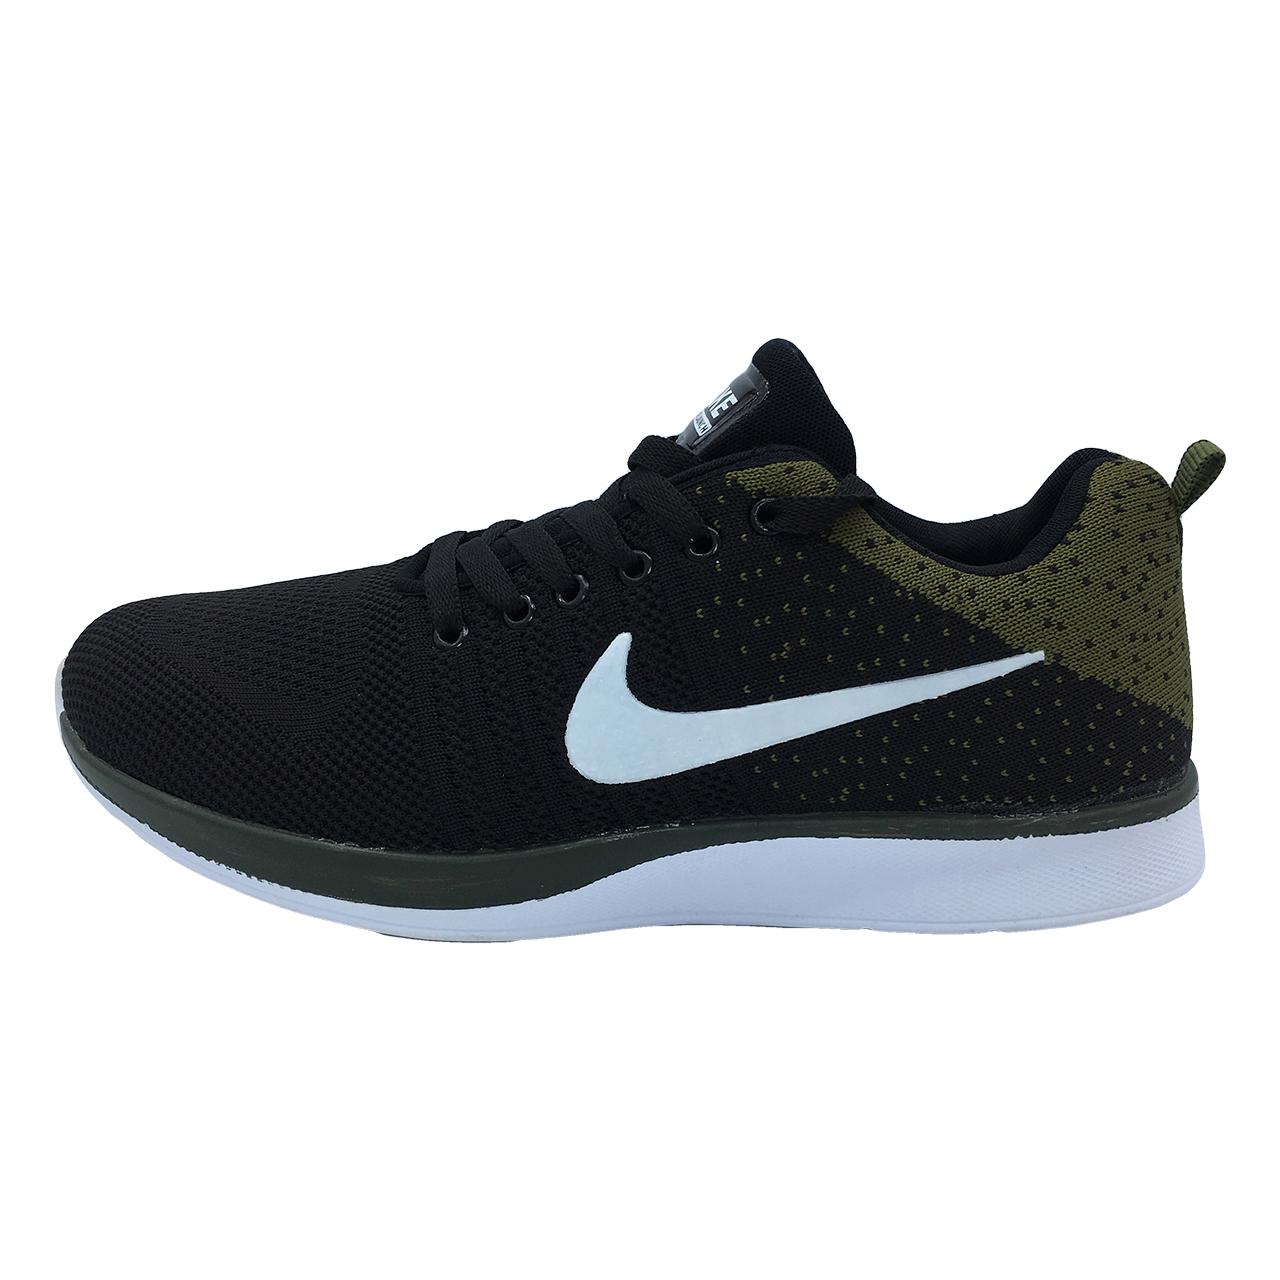 کفش مخصوص پیاده روی مردانه مدل Nb-js رنگ یشمی